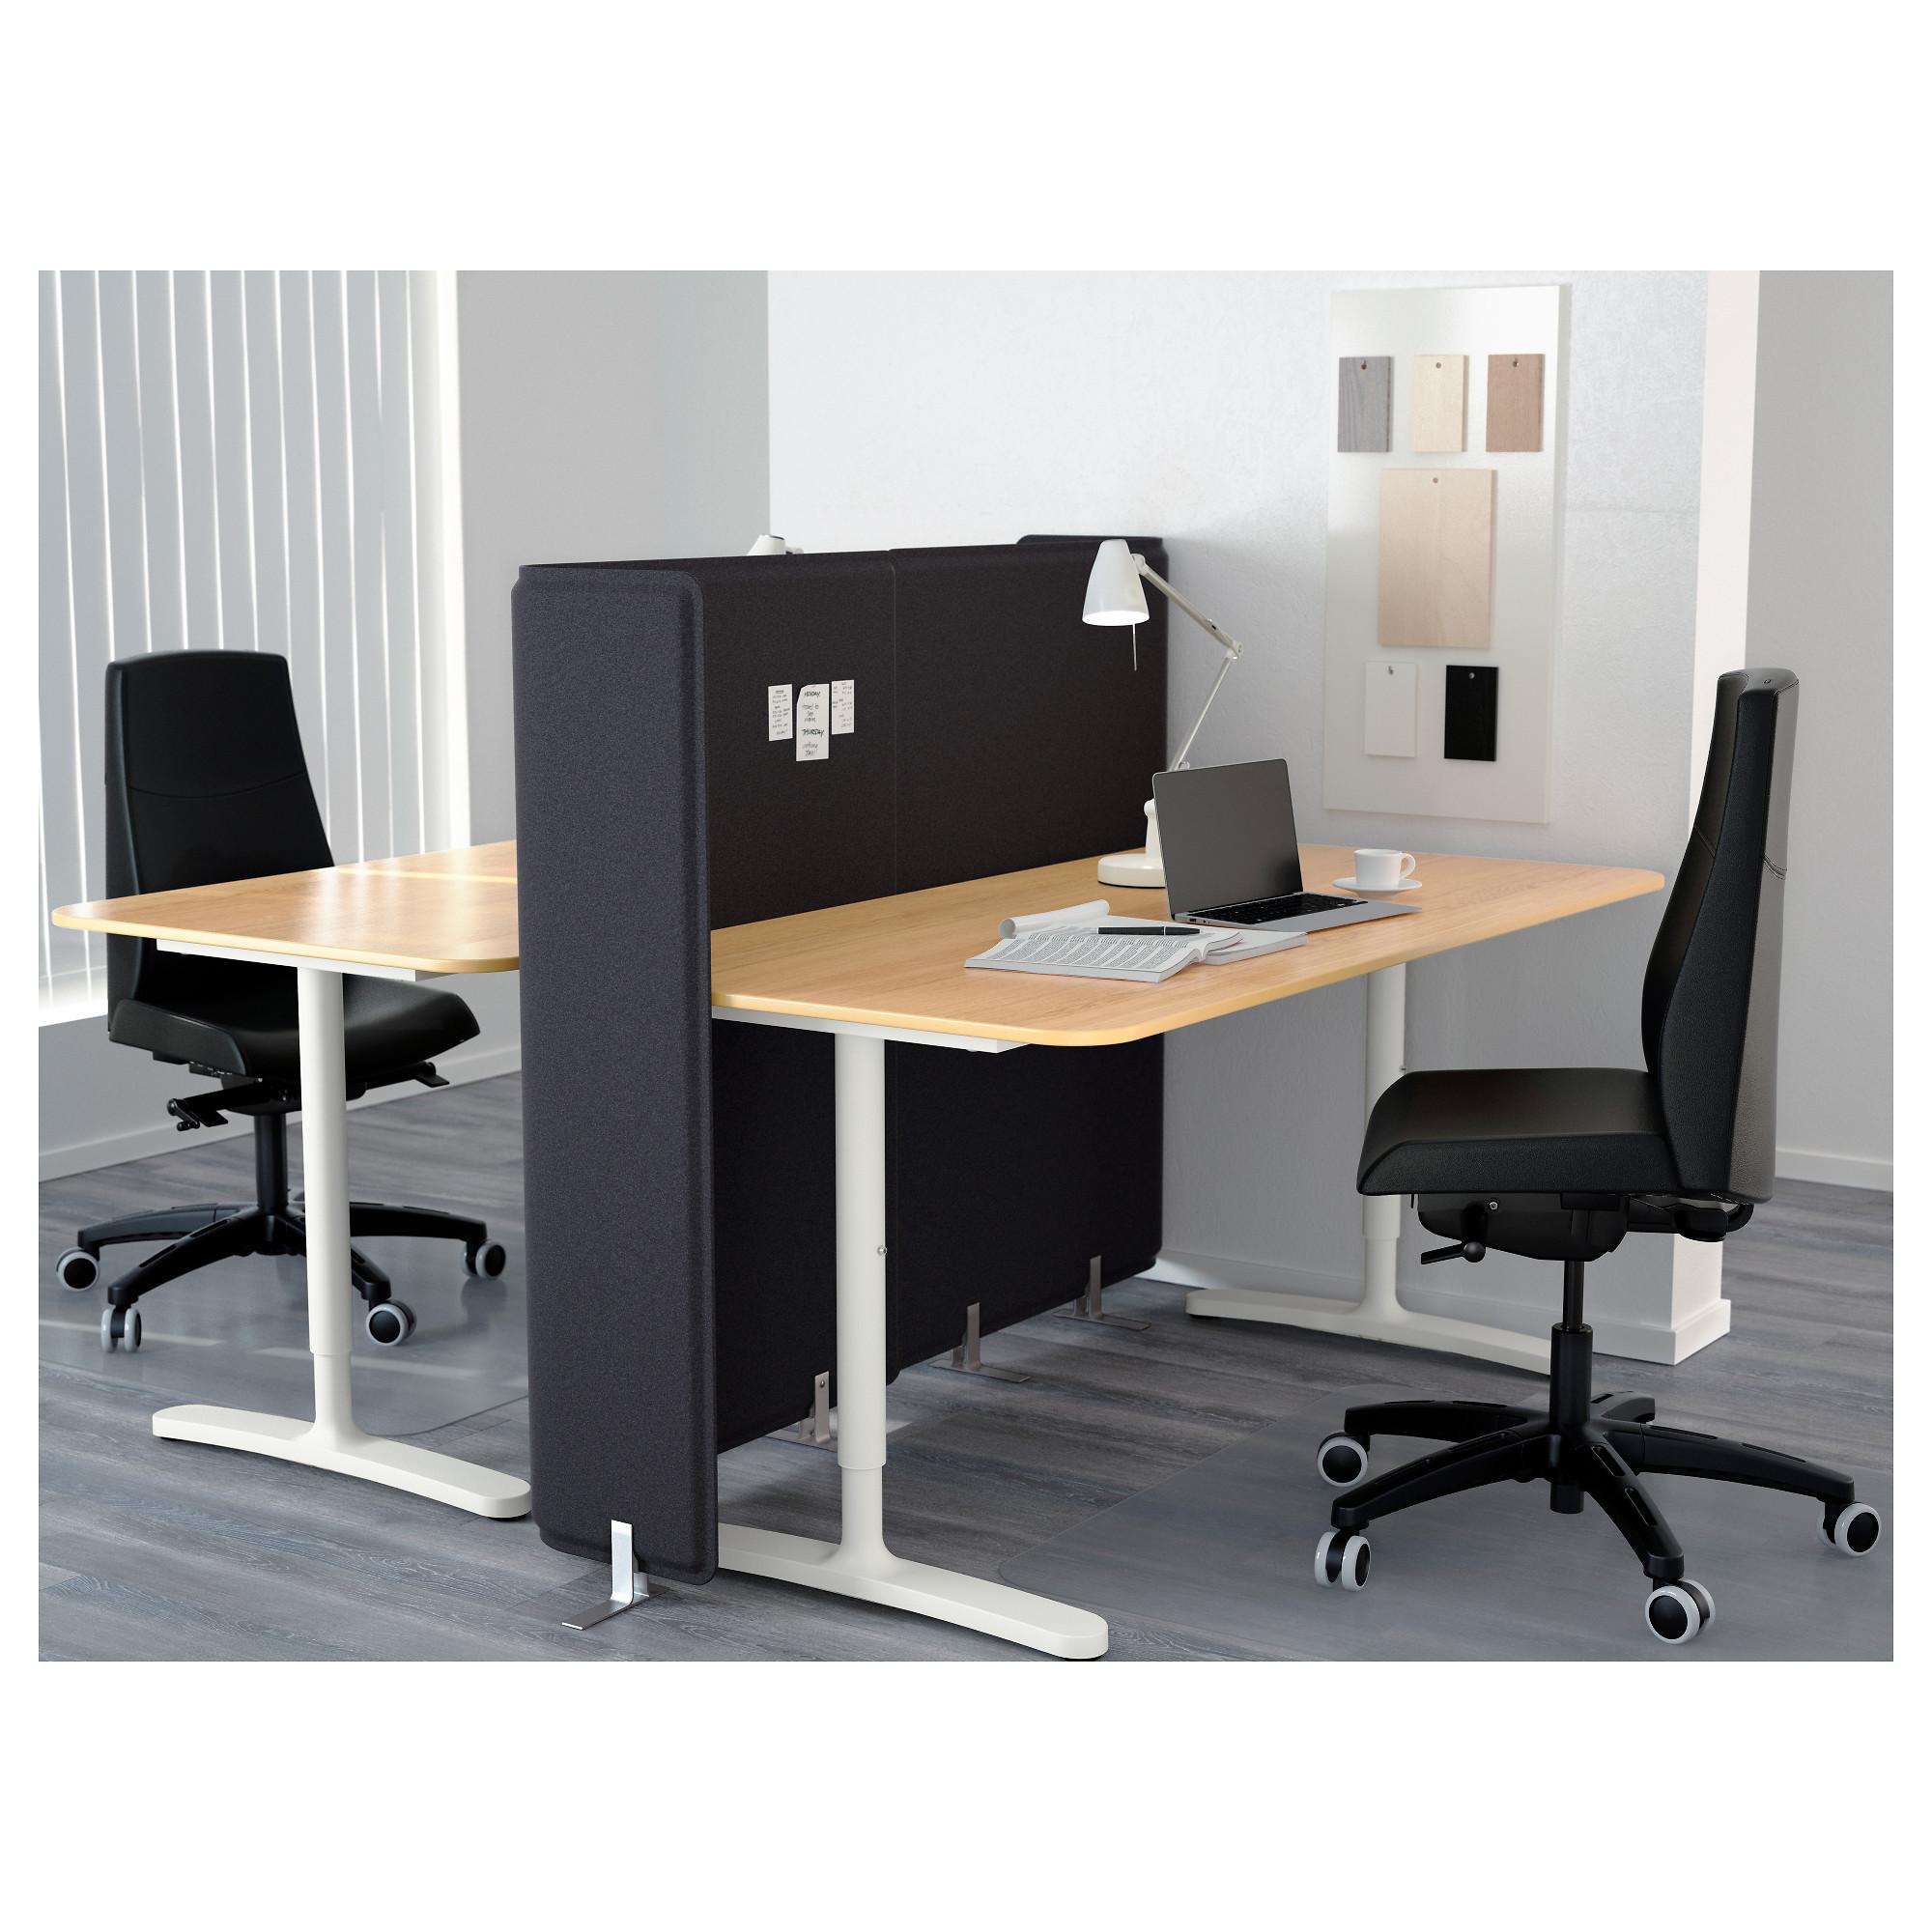 Стол с экраном БЕКАНТ белый артикуль № 892.786.45 в наличии. Онлайн каталог IKEA Минск. Недорогая доставка и монтаж.